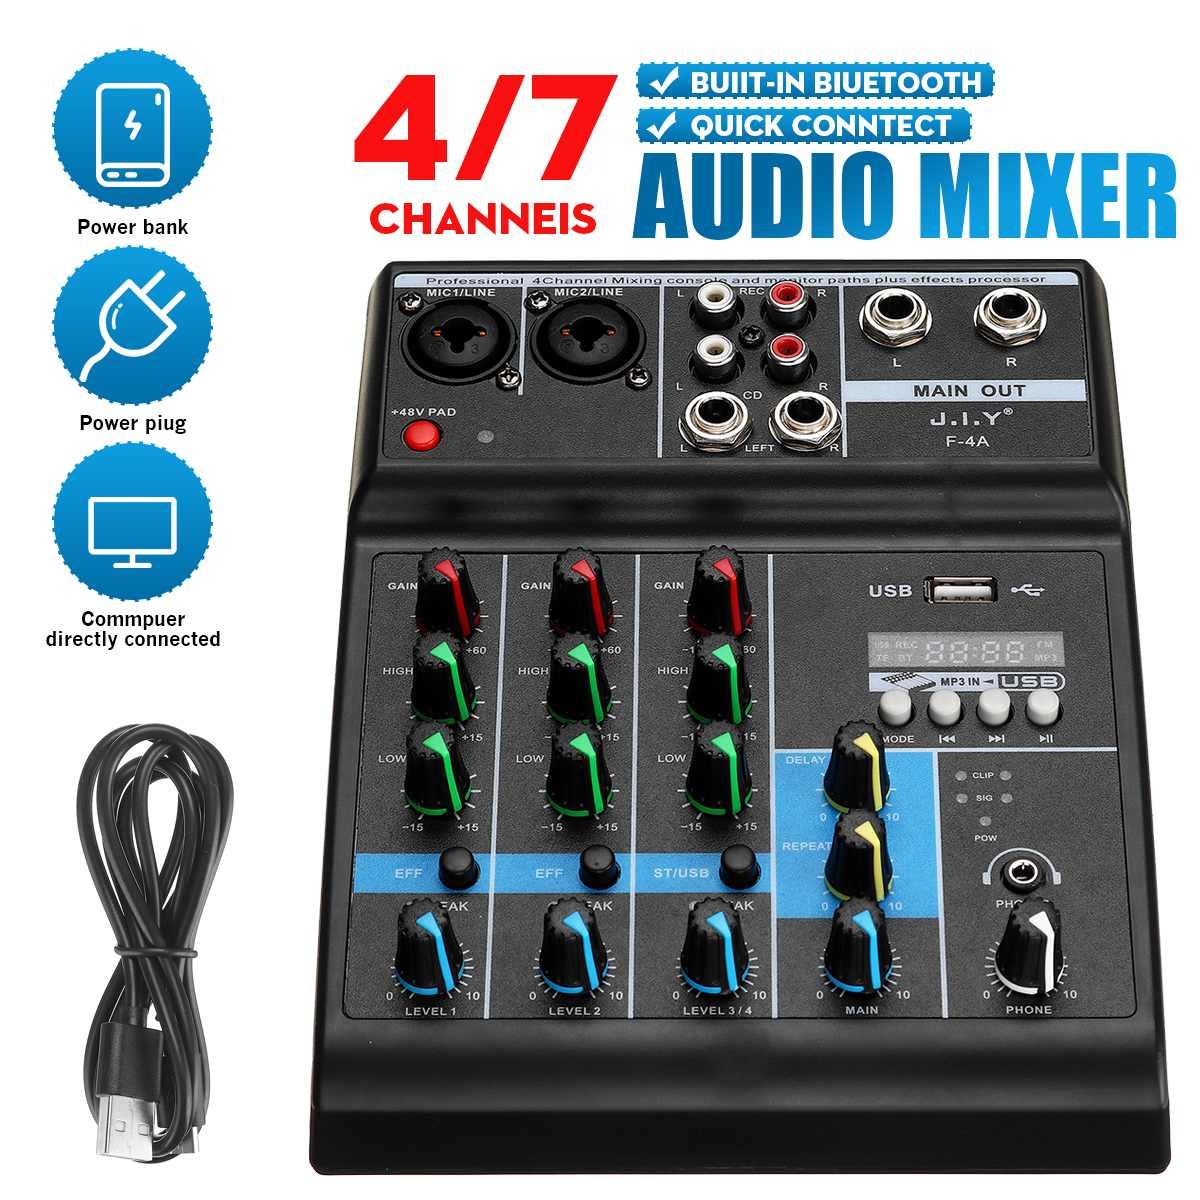 Professionnel 4 canaux Audio mélangeur bluetooth 5.0 USB ordinateur réverbération DJ contrôleur scène salon Console de mixage